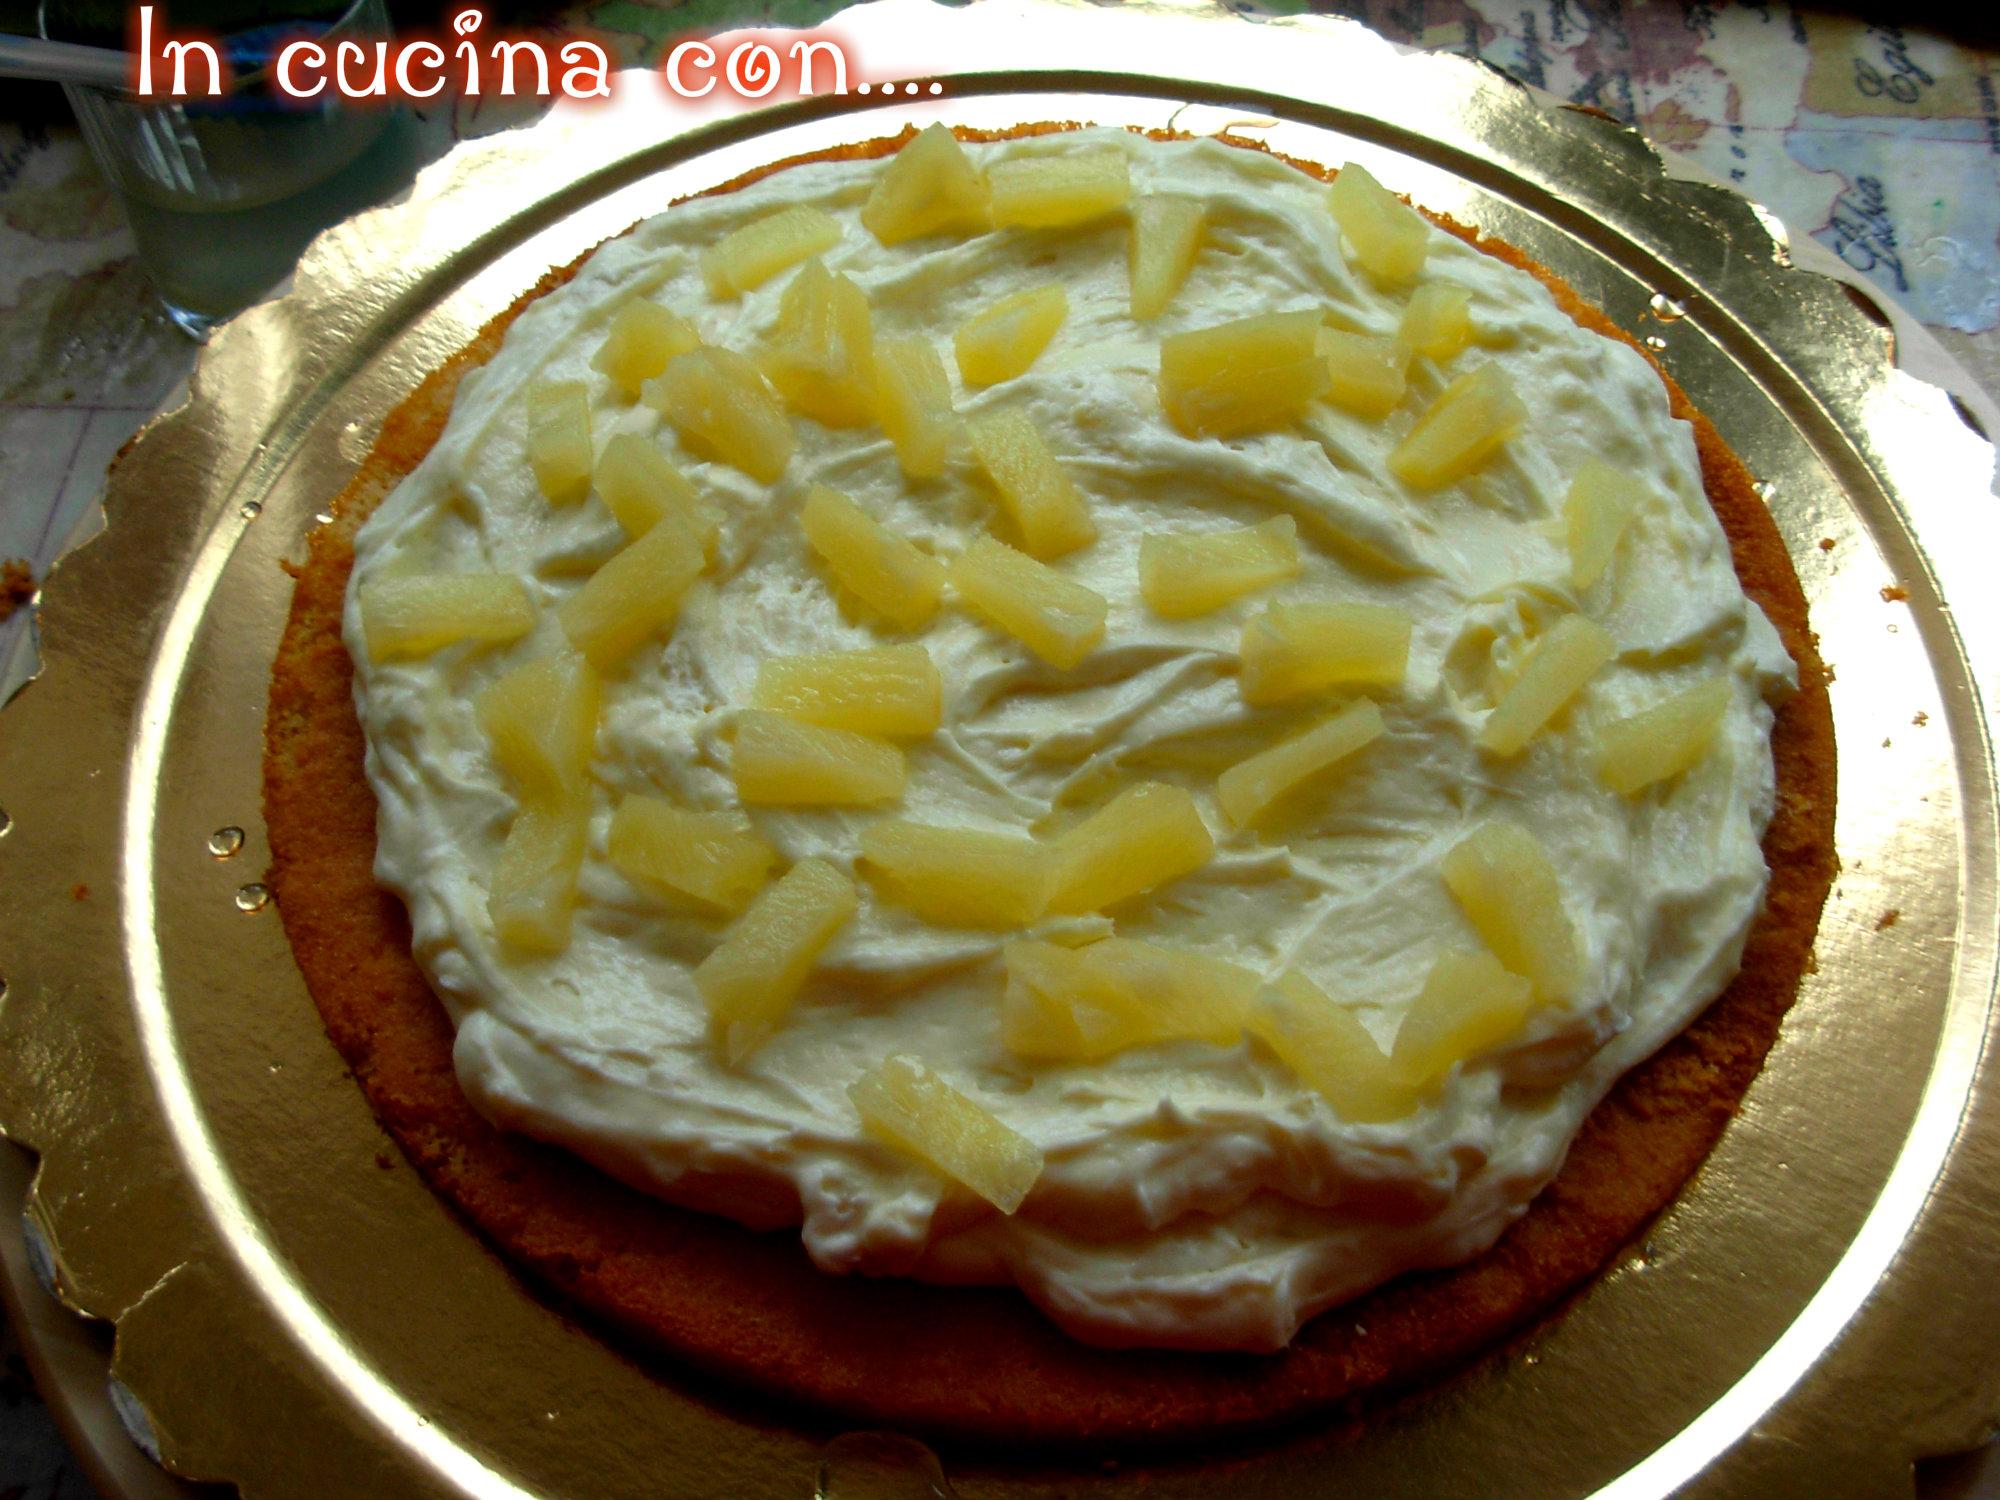 Torta hunger games decorazione torte in cucina con for Decorazione torte con wafer